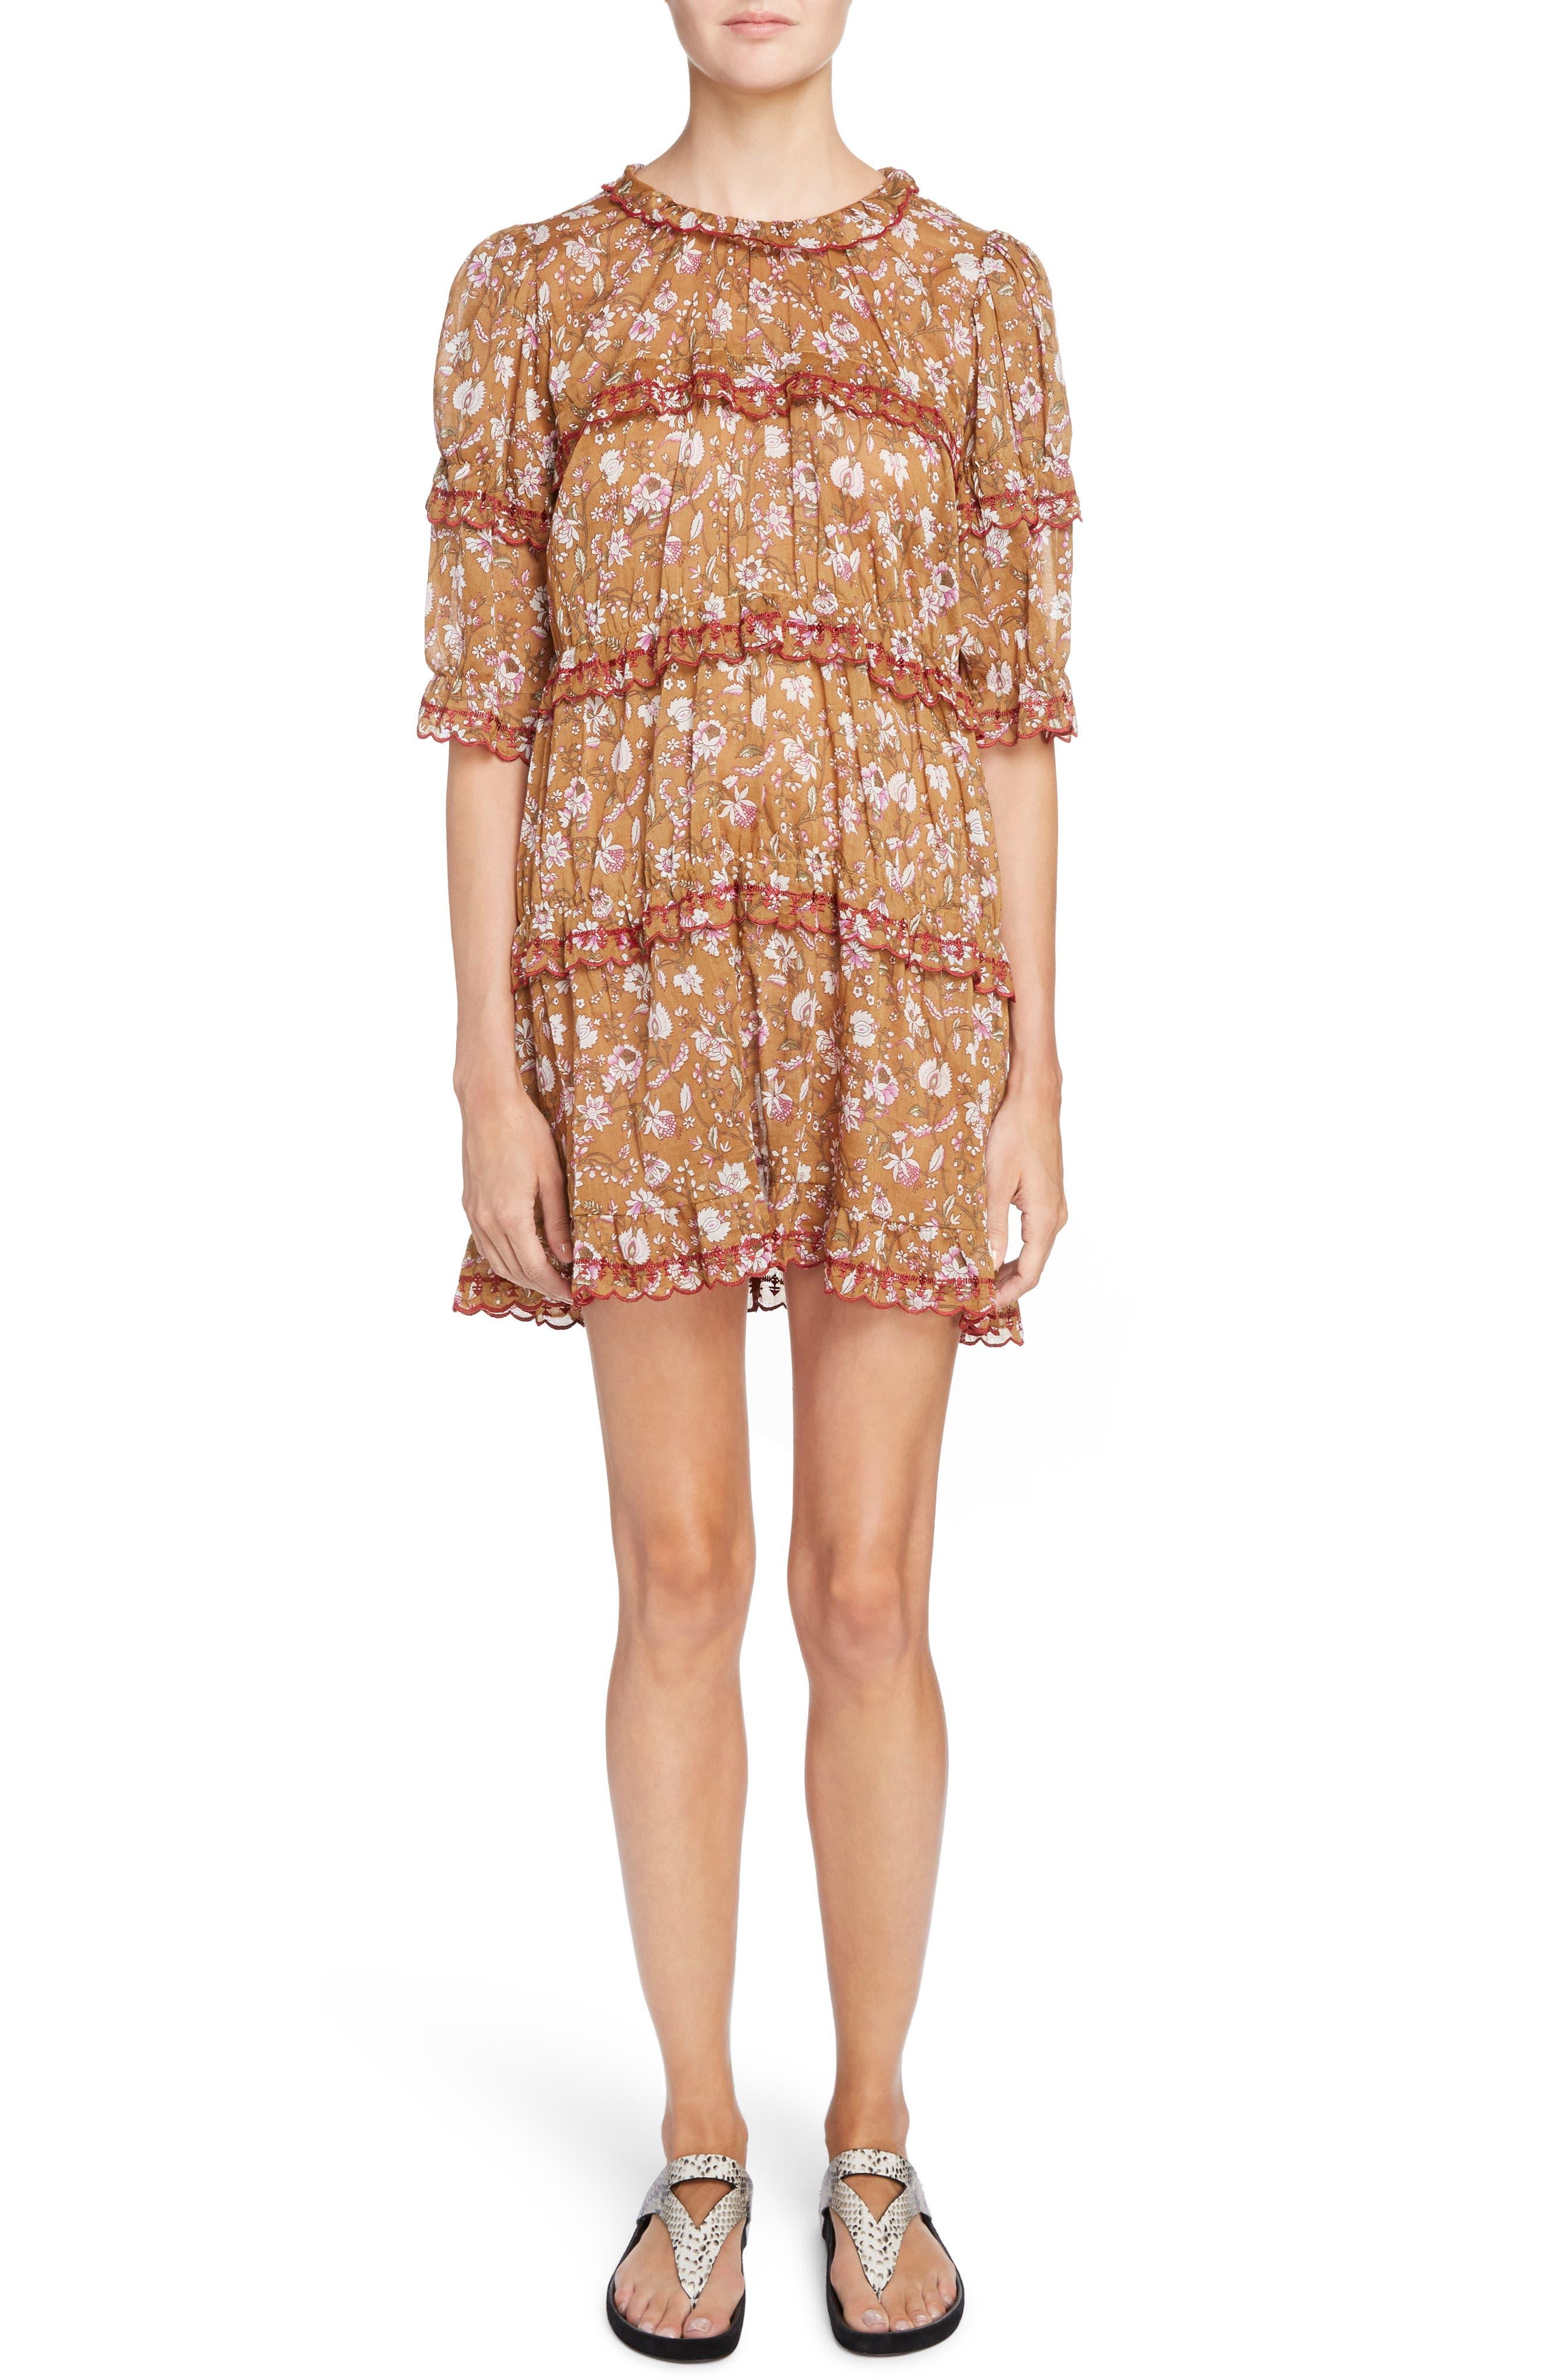 Isabel Marant Étoile Maiwenn Floral Print Cotton Dress,                         Main,                         color, Ochre